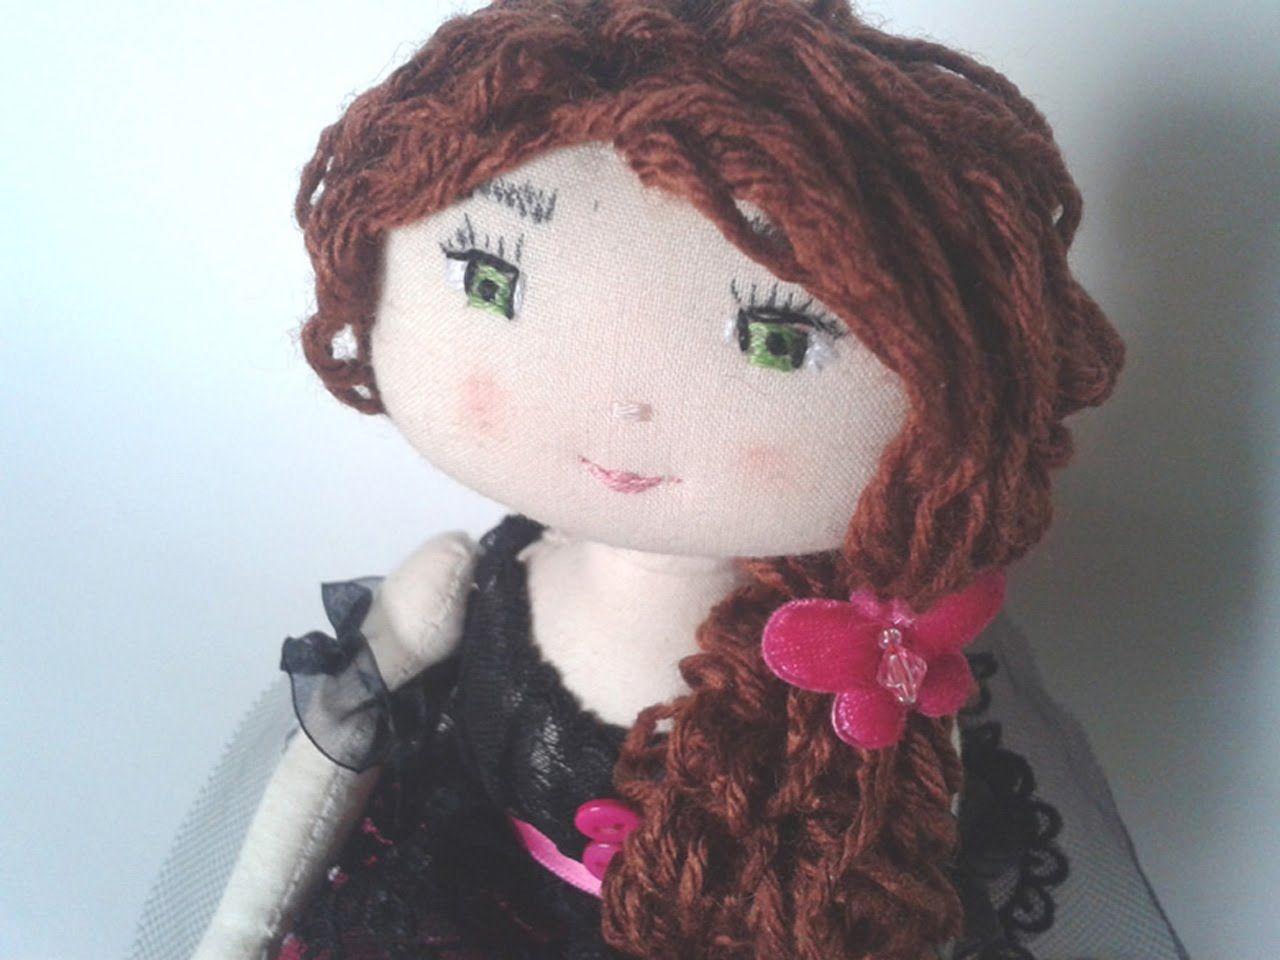 Patron poupée chiffon : Réalisez cette ravissante poupée de chiffon à la main ou à la machine à coudre, que vous soyez débutantes en couture ou confirmées. L...